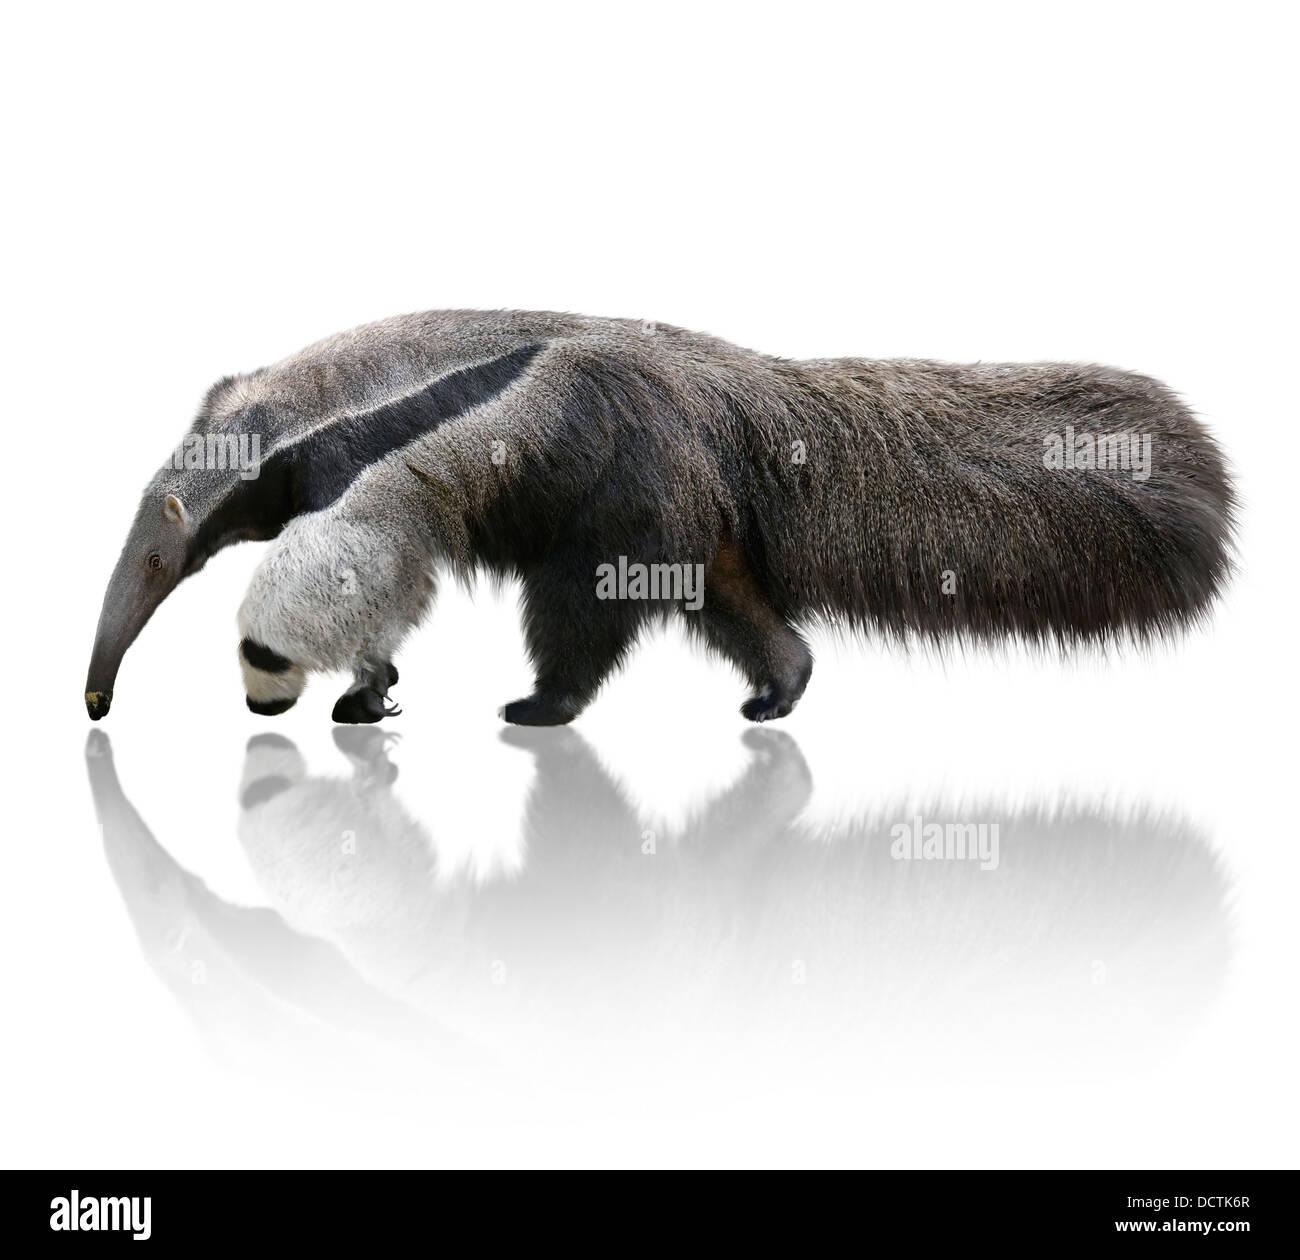 Oso hormiguero gigante Foto de stock